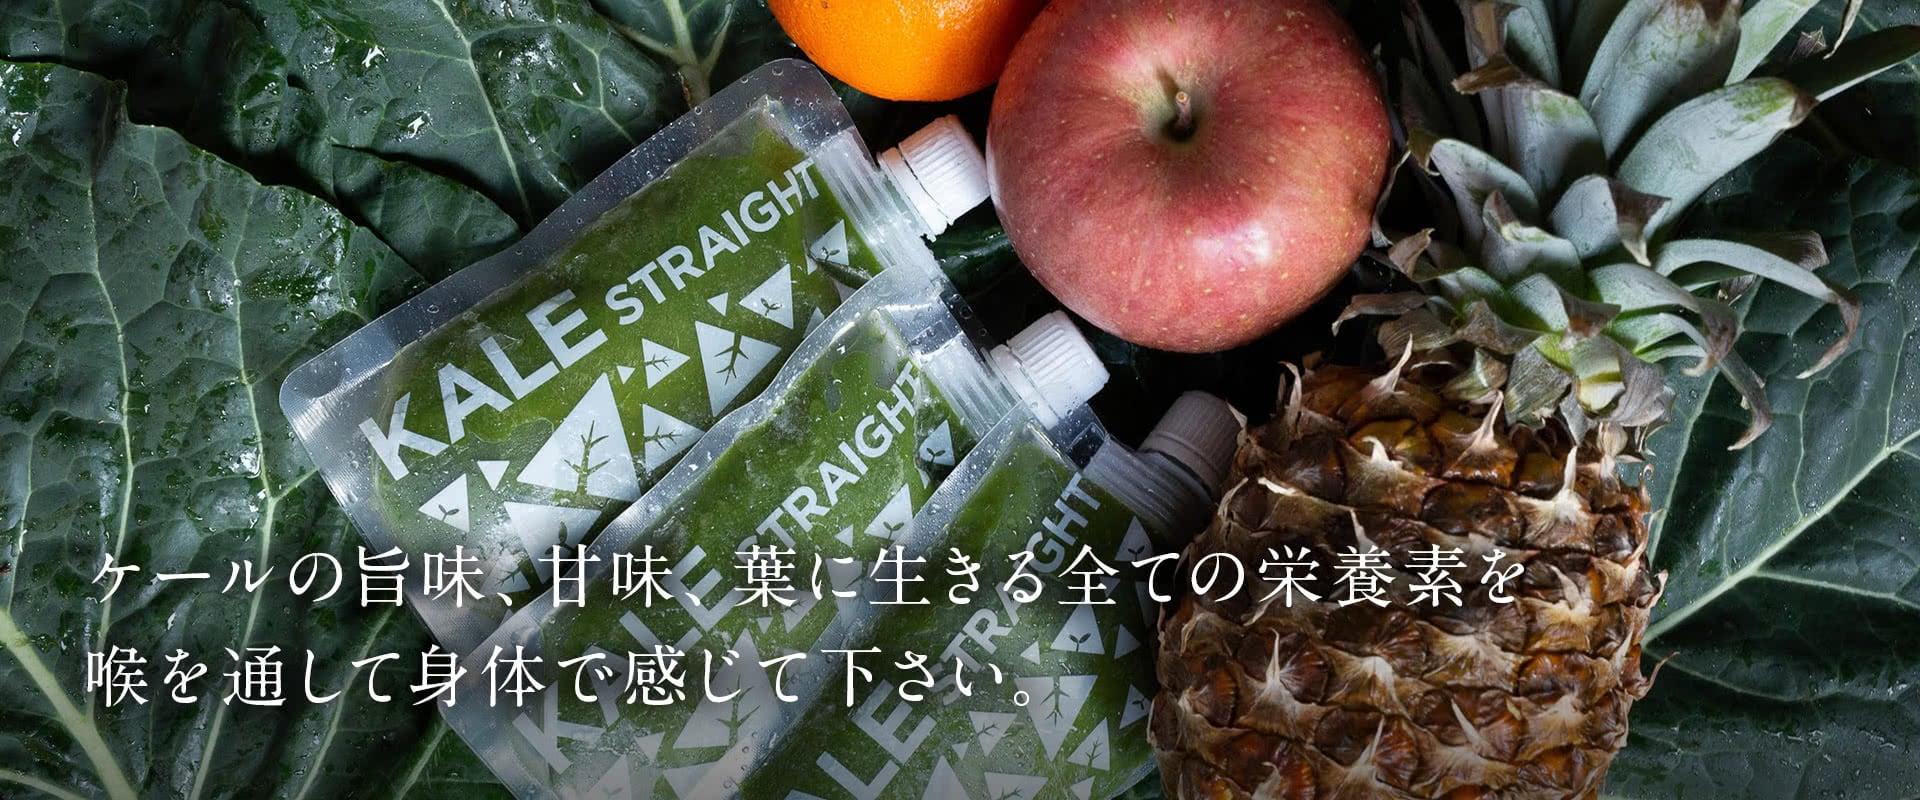 ケールの旨味、甘味、葉に生きる全ての栄養素を喉を通して身体で感じて下さい。